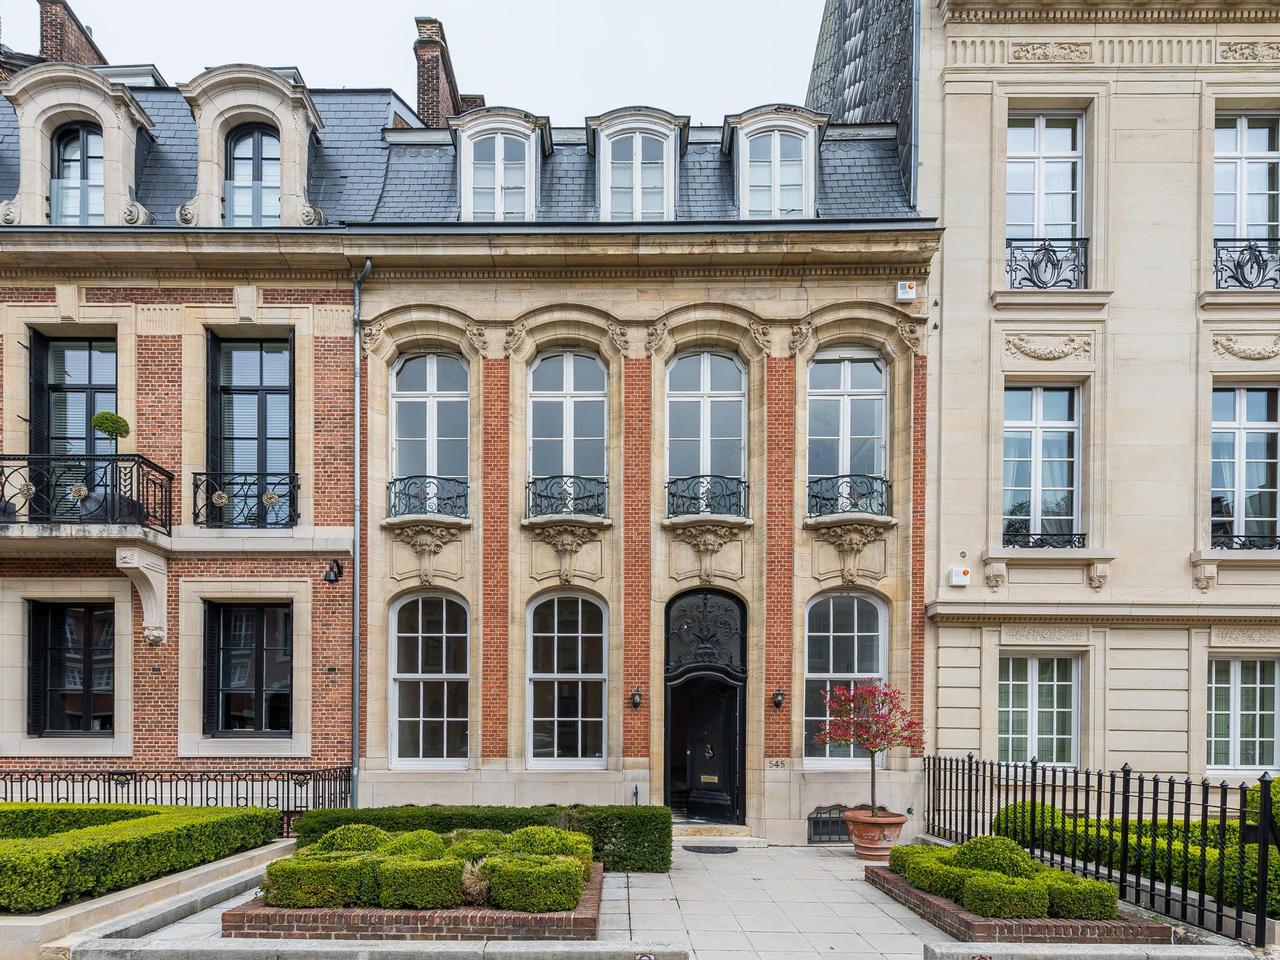 Các loại nhà khác vì Bán tại Ixelles I Square du bois Brussels, Brussels, 1000 Bỉ